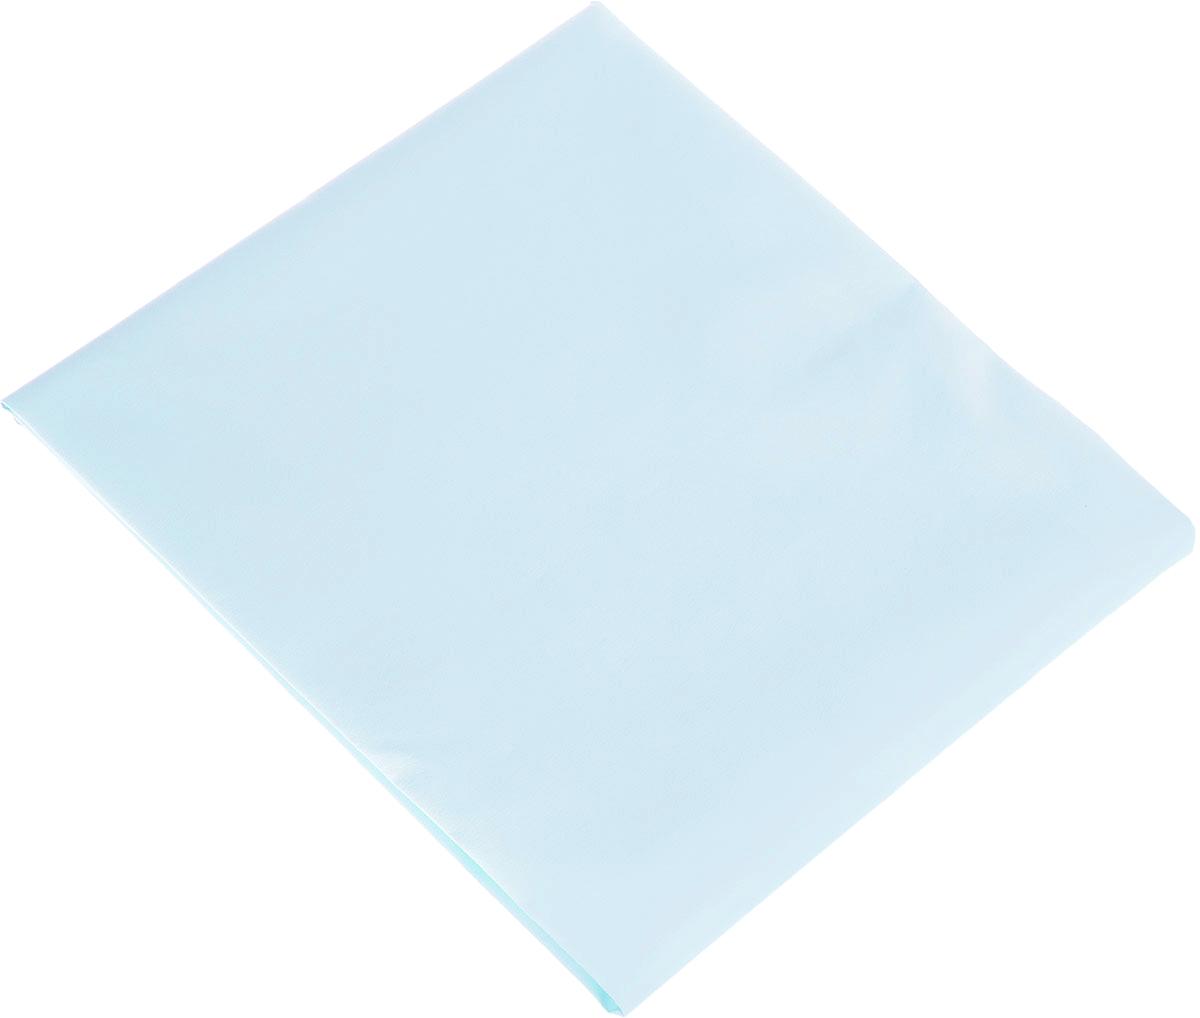 Пелигрин Наматрасник детский цвет голубой 120 х 60 х 10 см5263_голубойНаматрасник Пелигрин с резинками на углах сделан из специальной клеёнки.Непромокаемый дышащий наматрасник надежно защитит кроватку малыша от протеканий и продлит срок службы матраса. Материал, из которого он сделан, обладает отличной теплопроводностью и паропроницаемостью. Он быстро приобретает температуру тела. тем самым устраняя эффект холодного прикосновения. А это значит, что вашему крохе будет всегда уютно в своей кроватке.Допускается машинная стирка при температуре 30 градусов, не требует глажки.